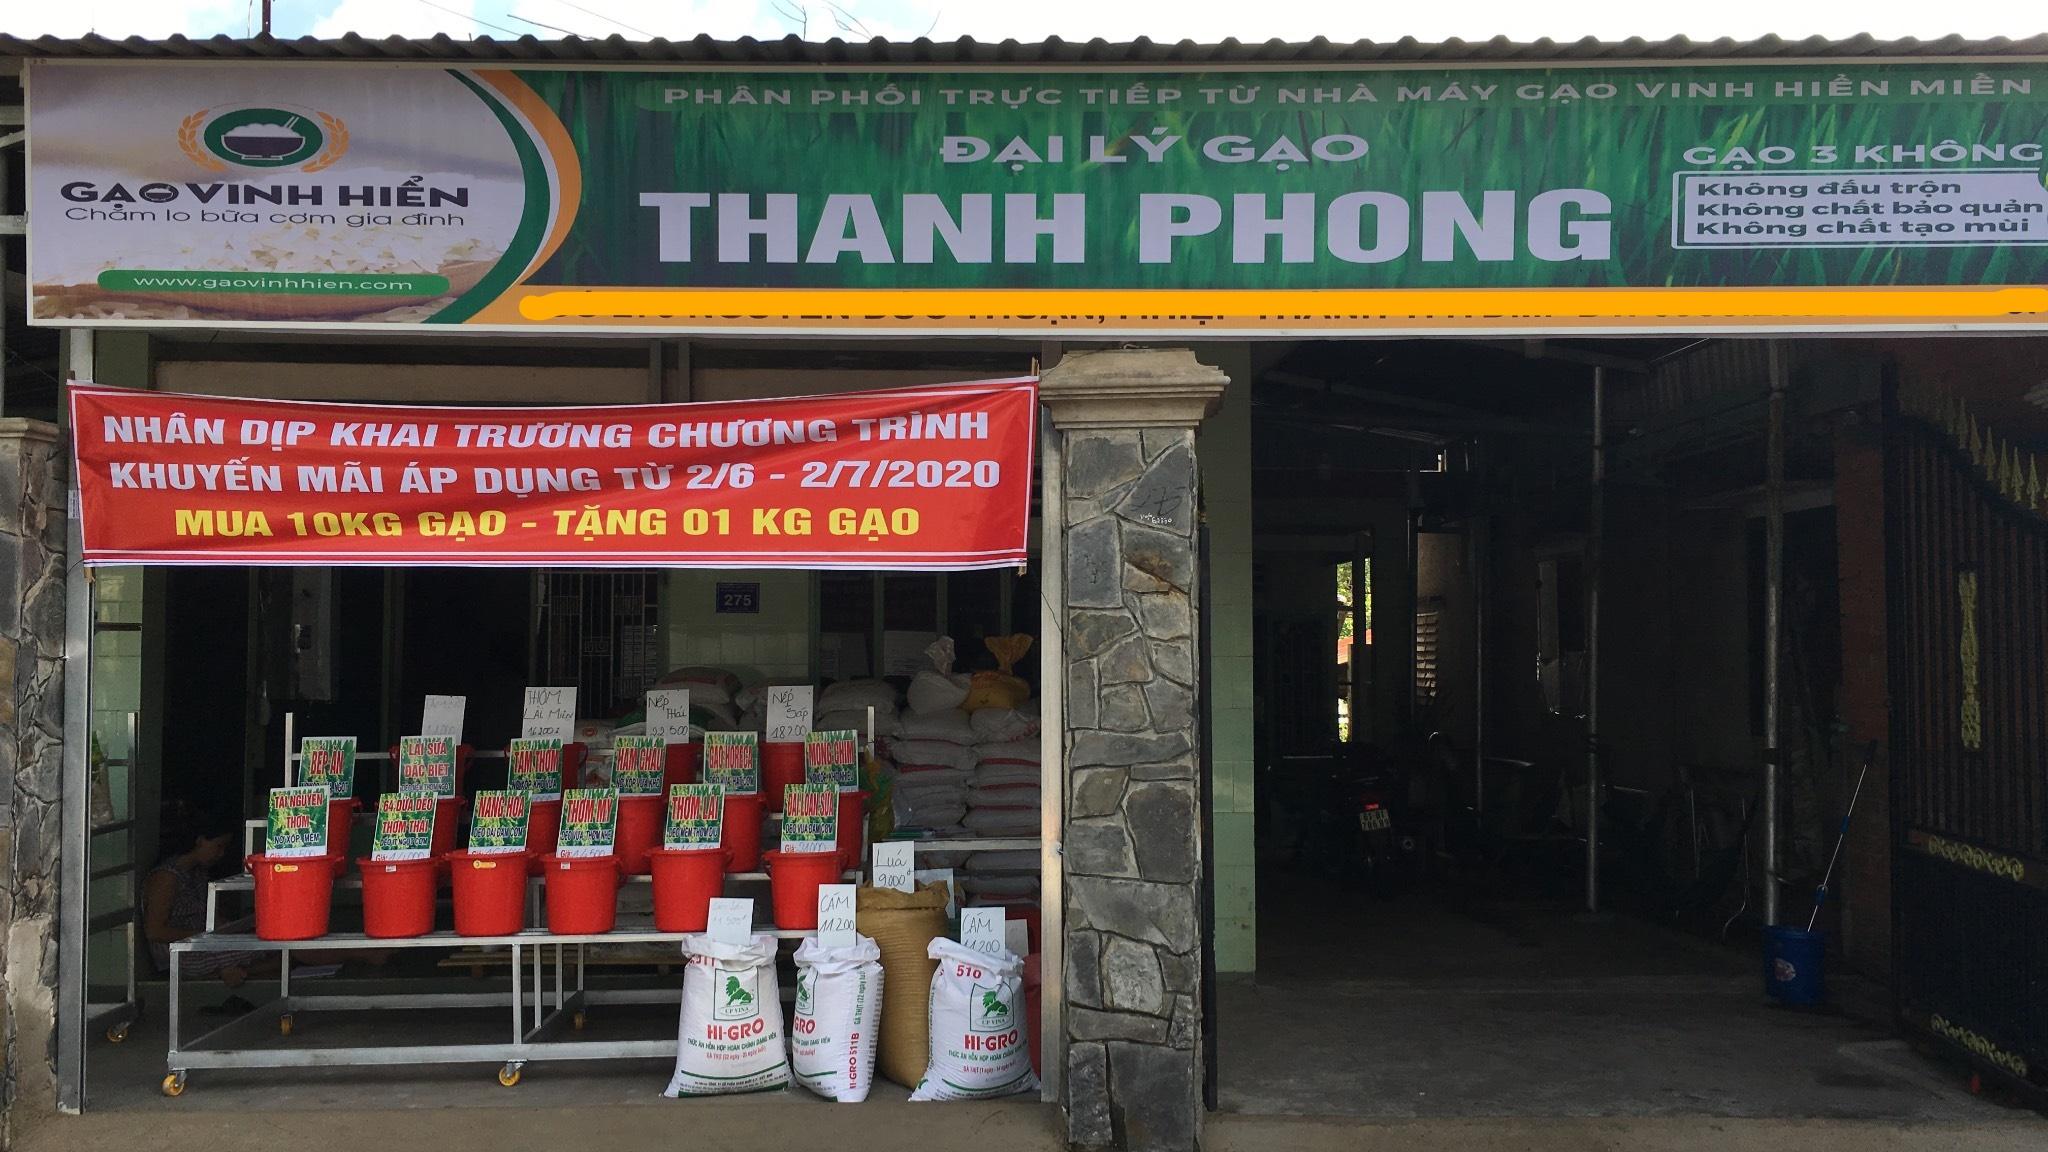 Đại lý gạo Thanh Phong